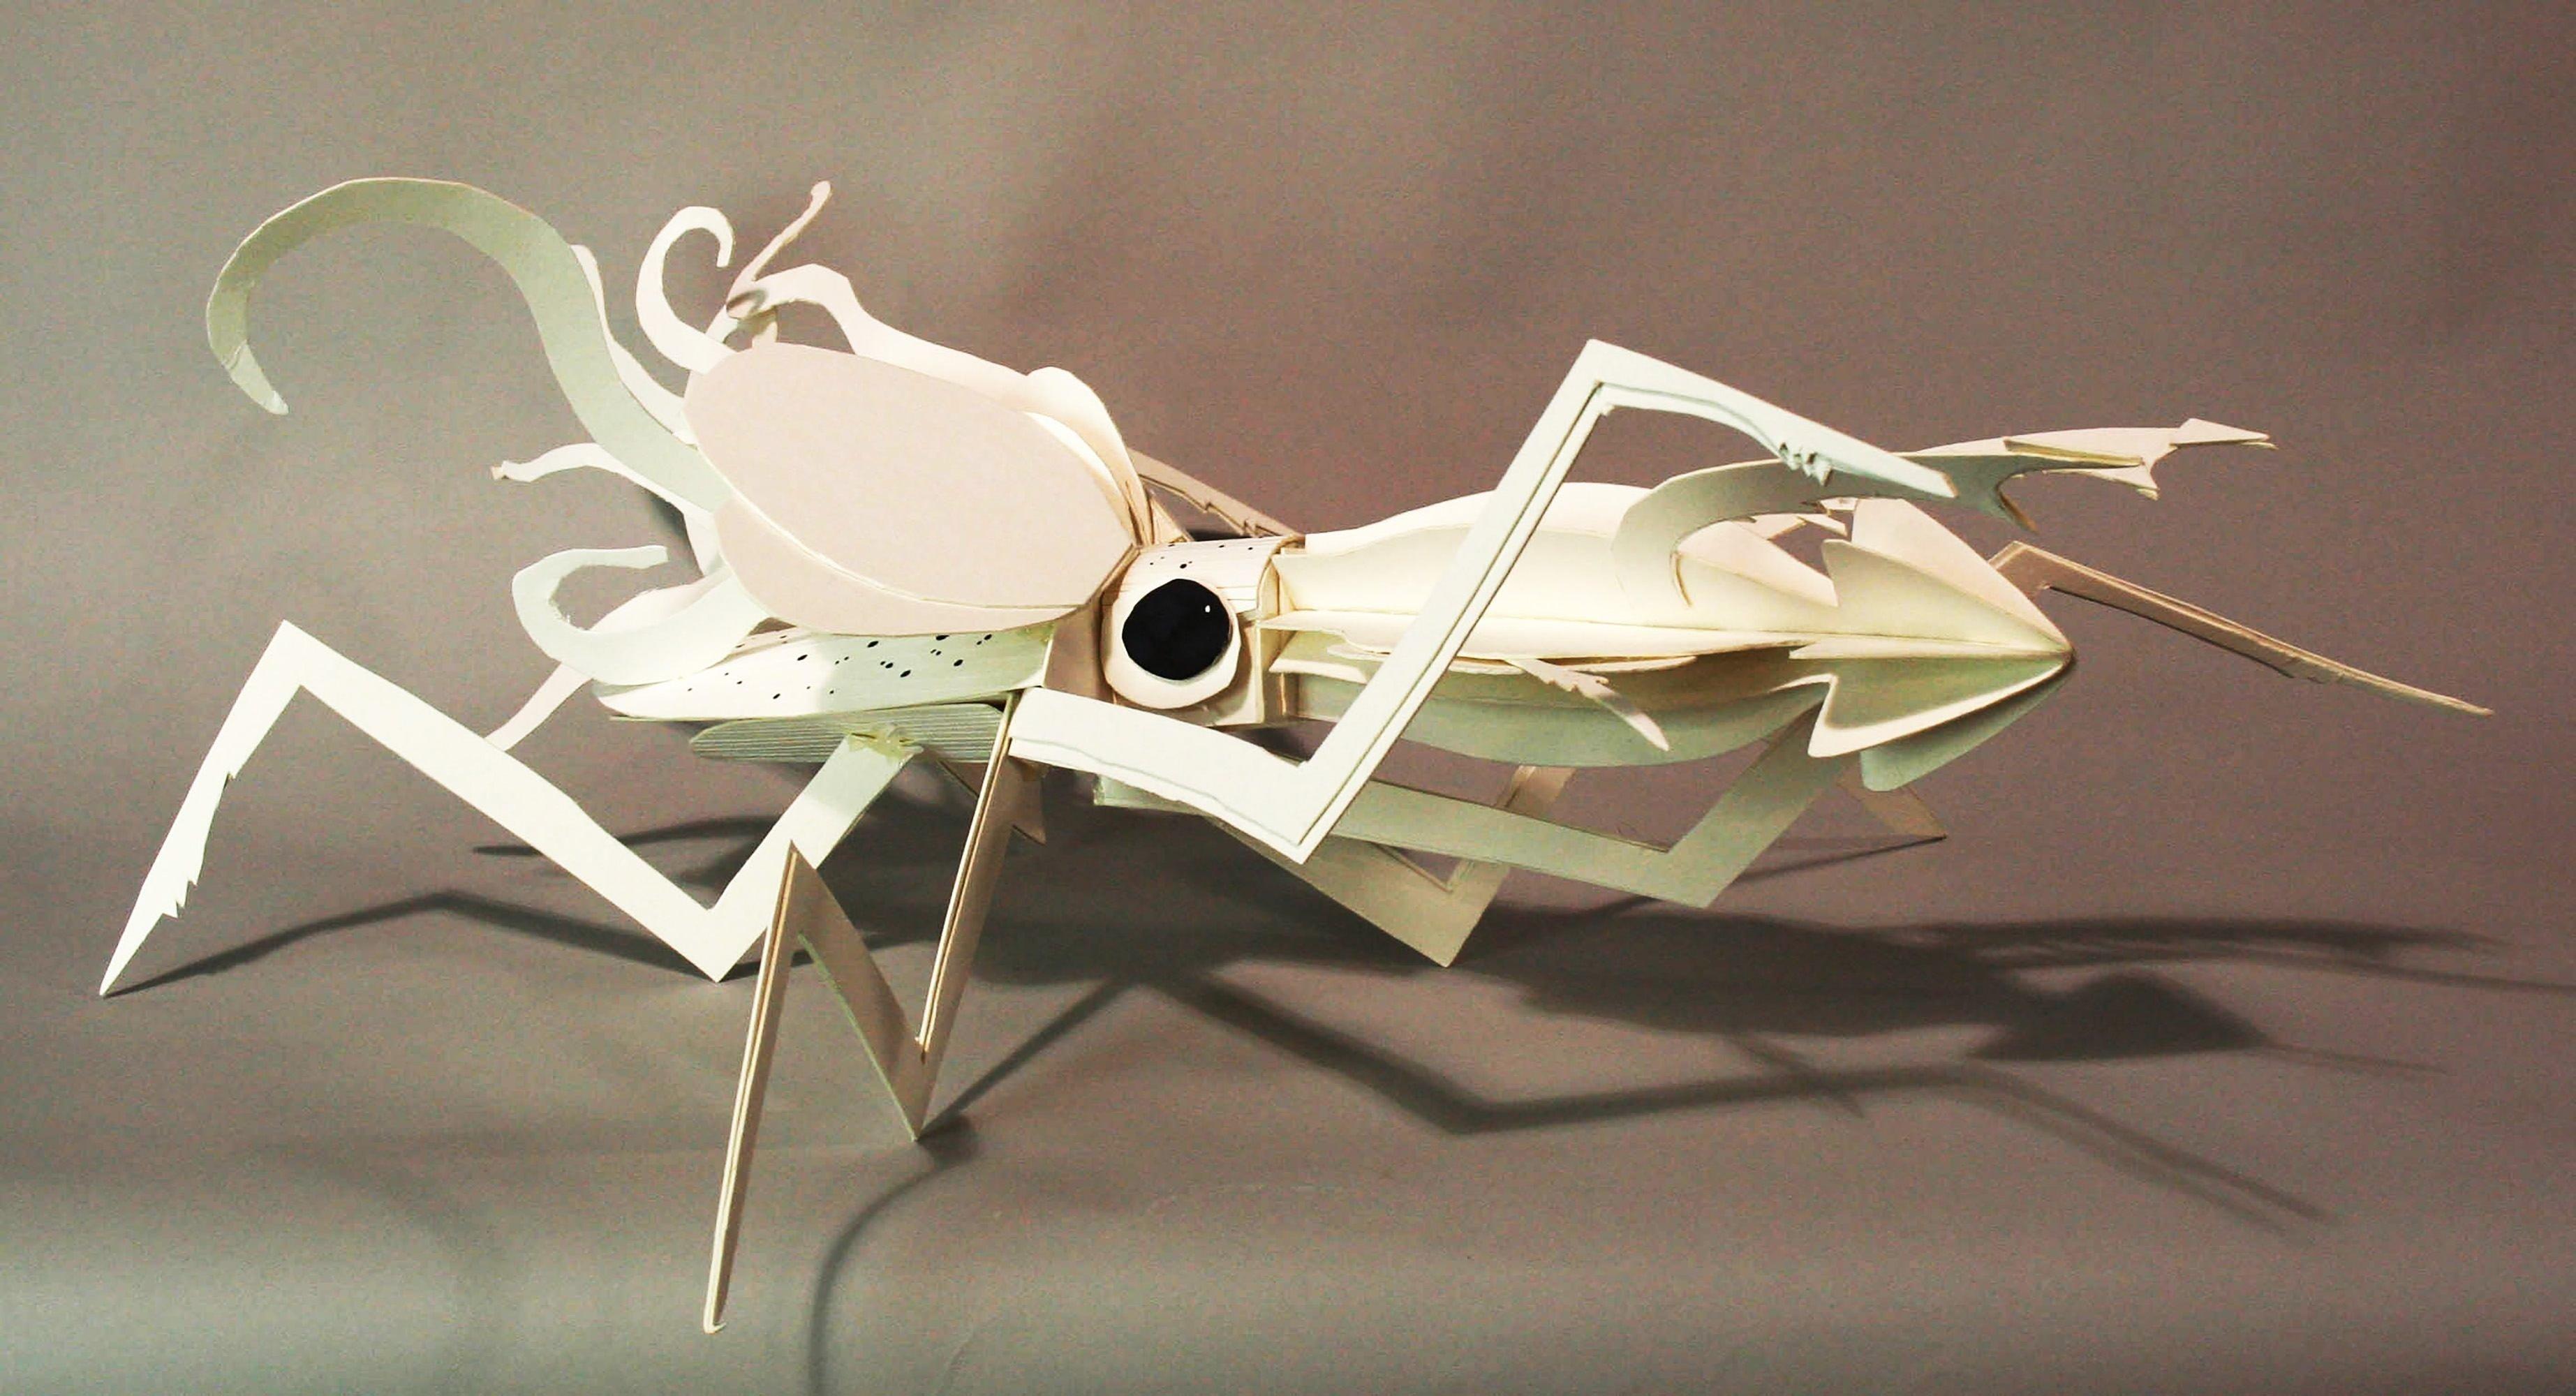 Octopus cardboard Taskboard project